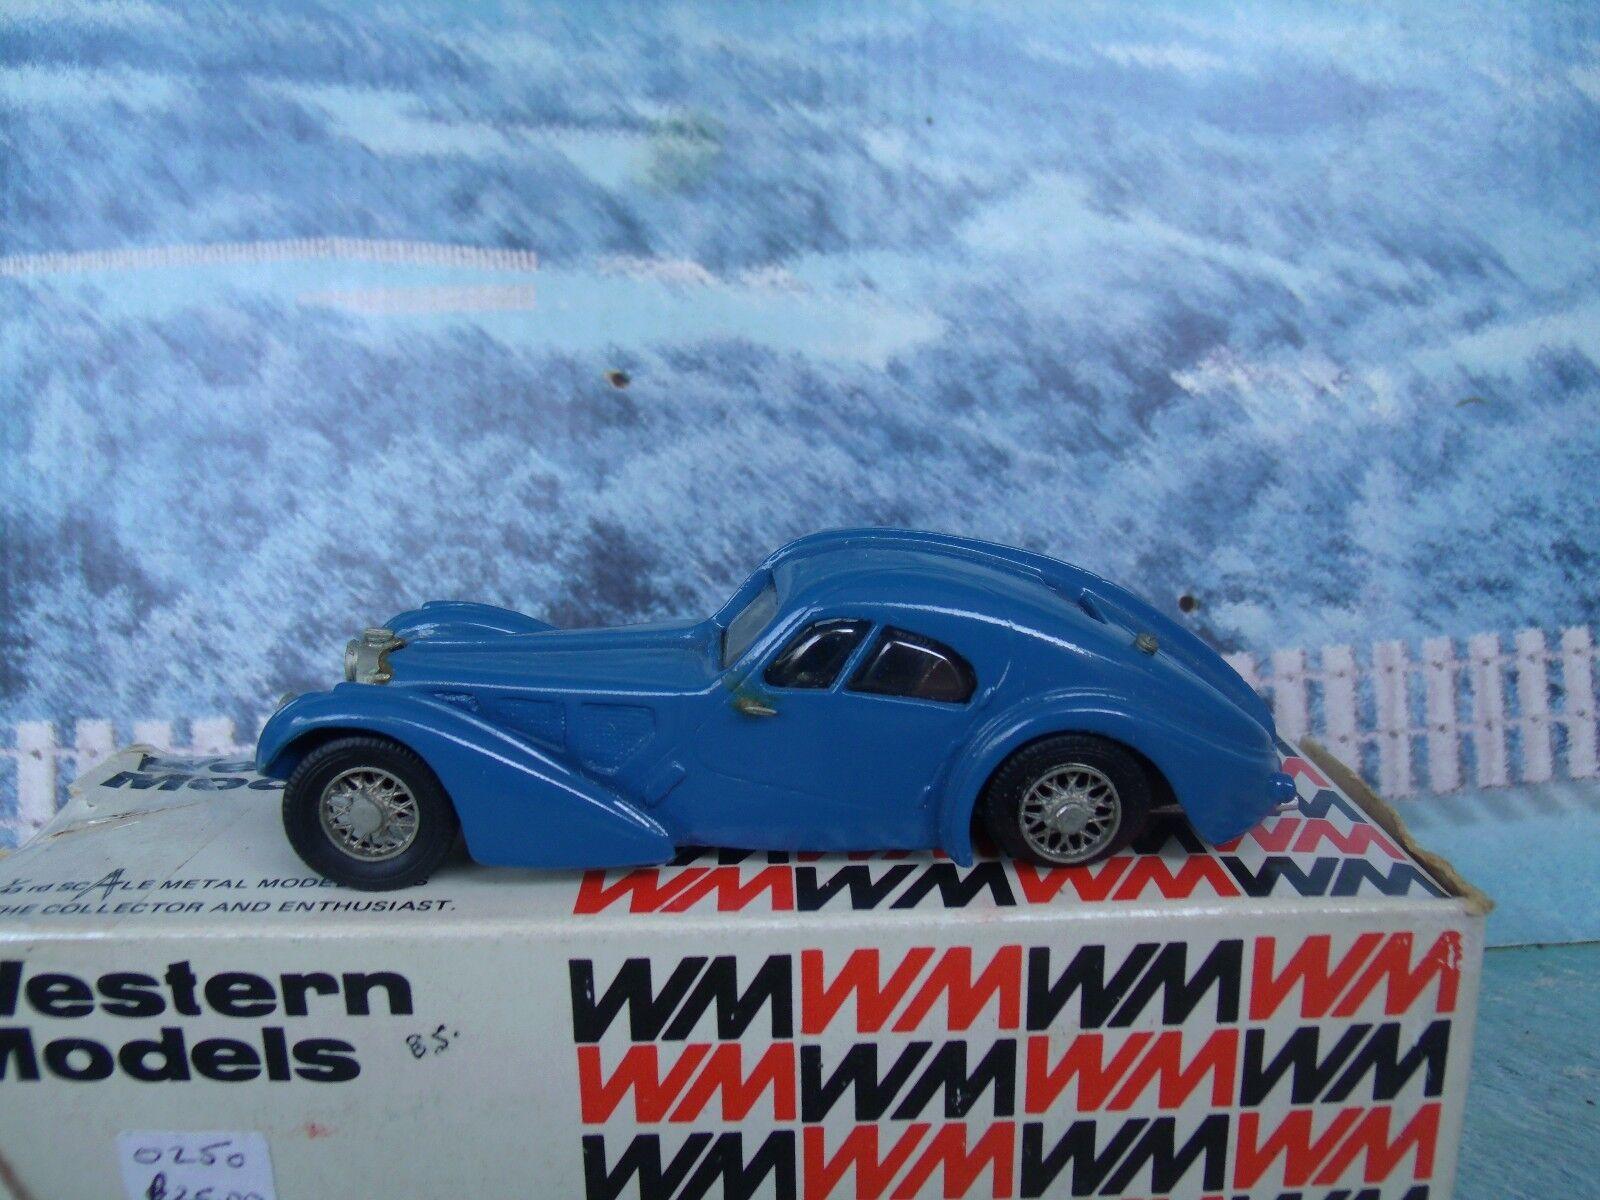 1   43 westliche modelle (england) 1938 bugatti typ 57sc atlantic weißes metall